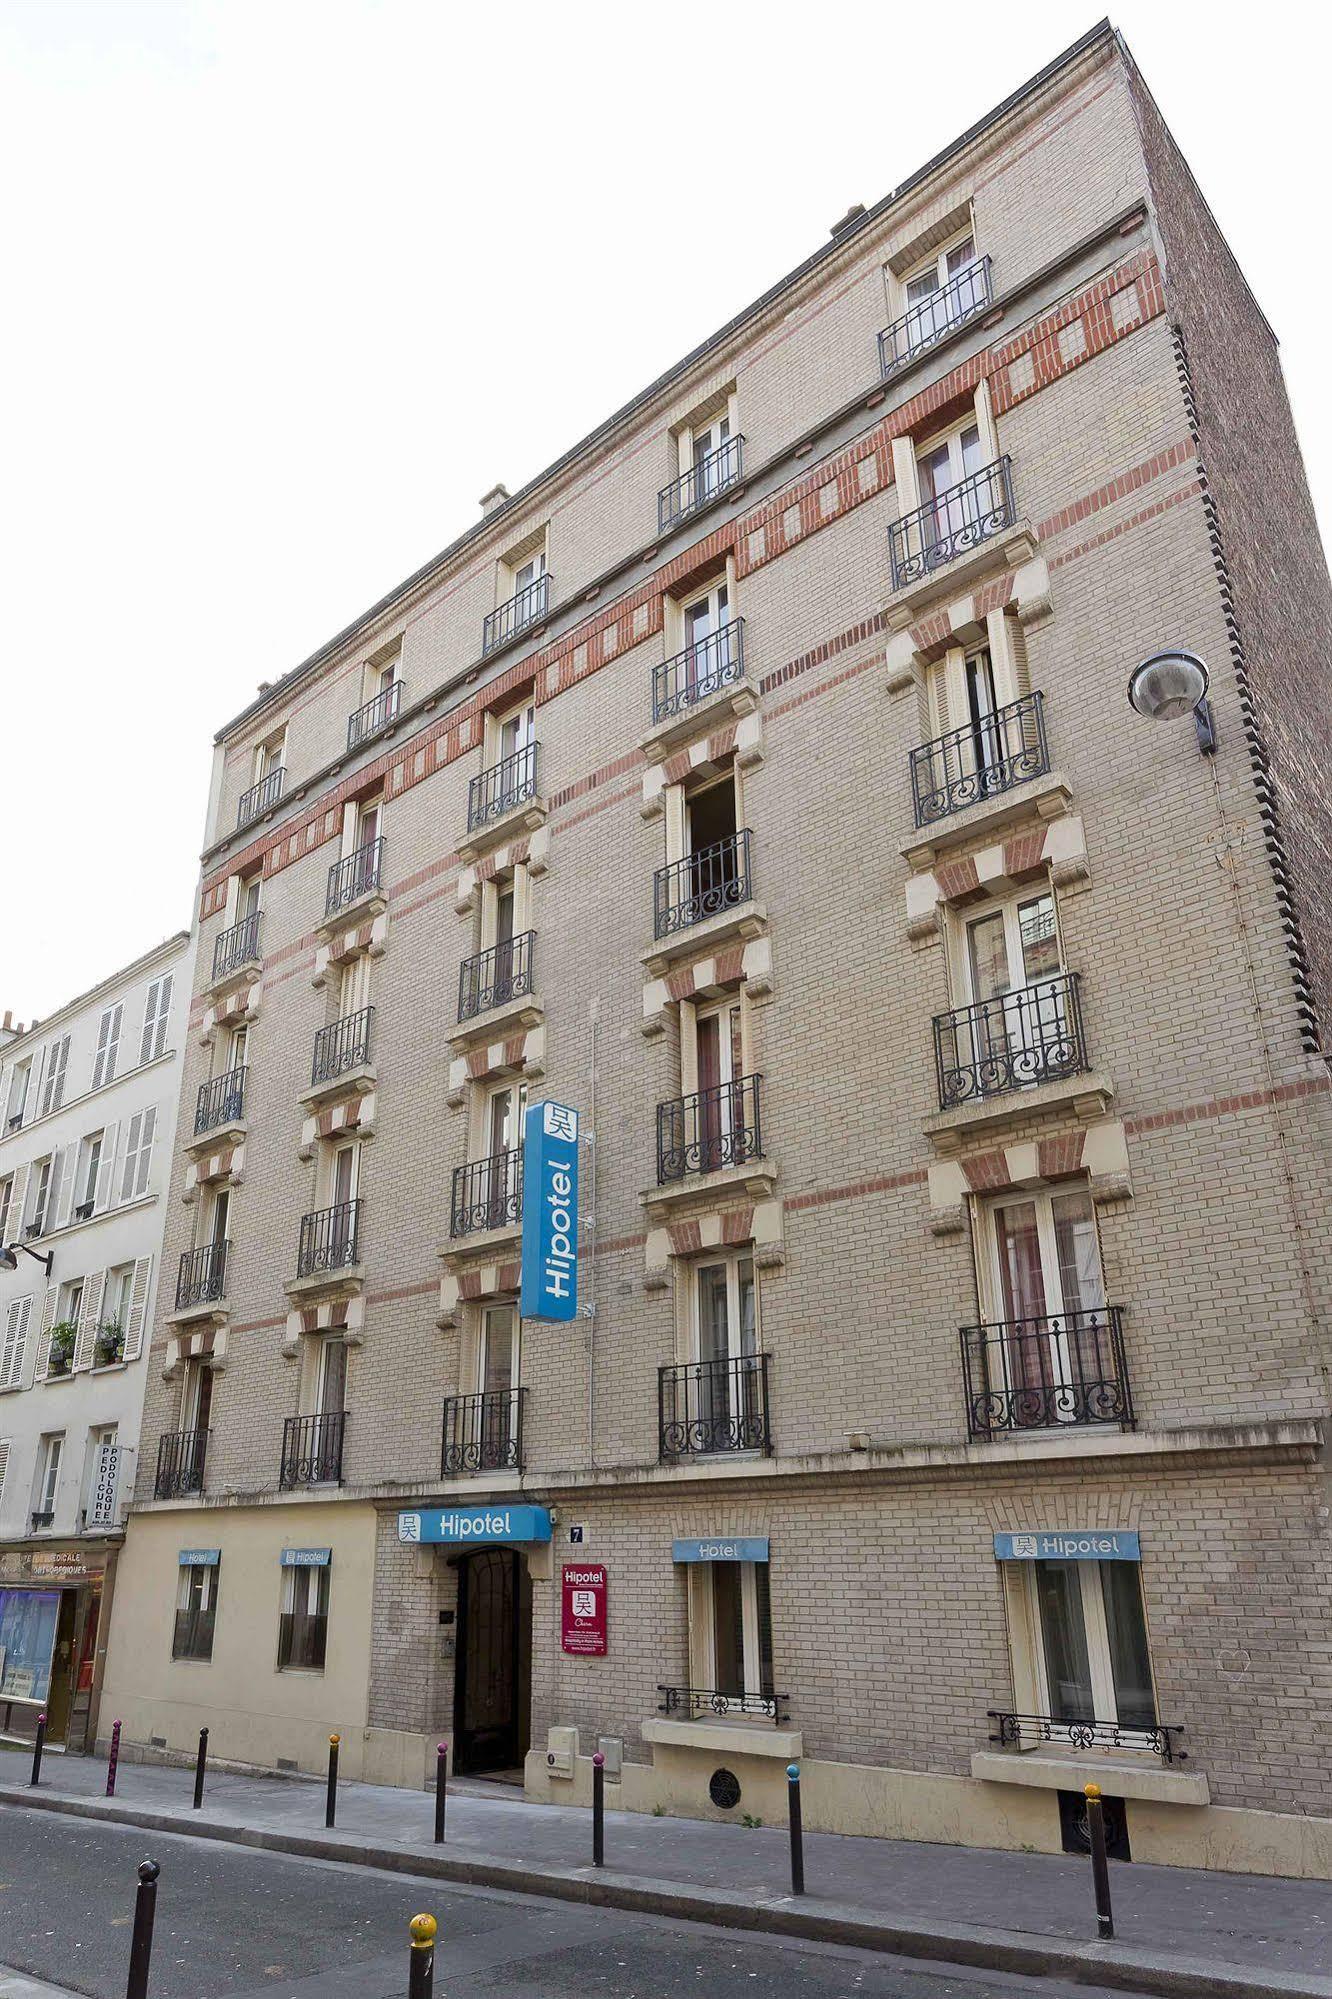 Hipotel Paris Buttes Chaumont Pyrnes